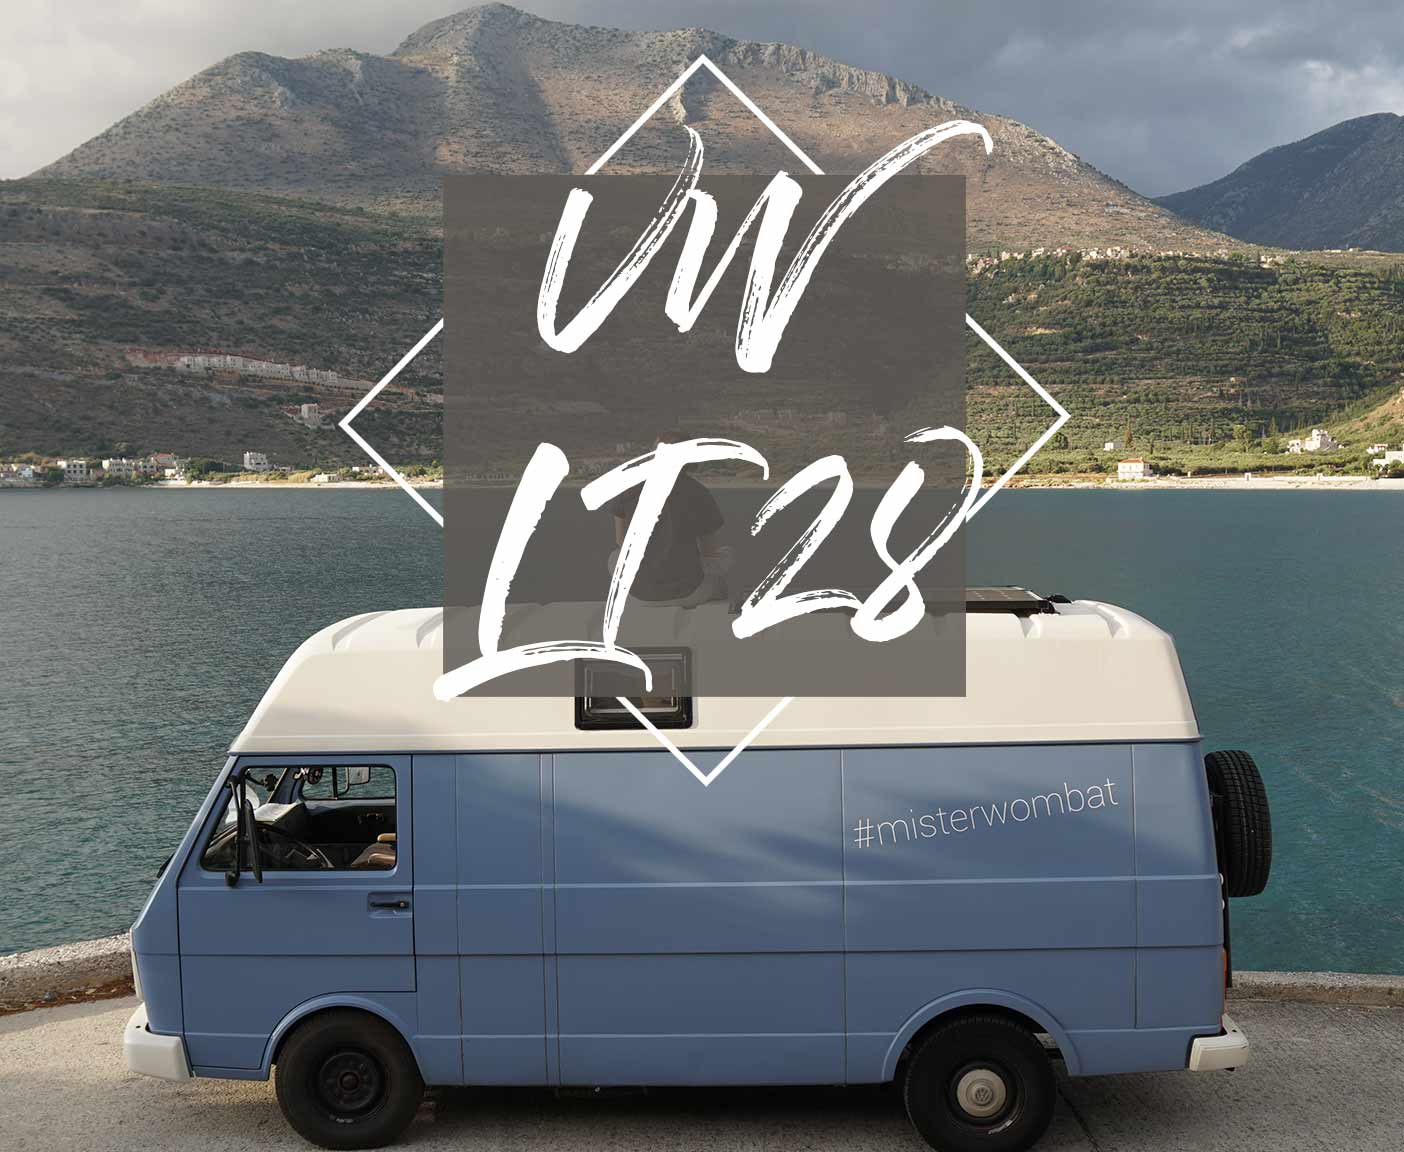 vw-lt-28-camper-reise-selbstausbau-verbrauch-motor-sale.jpg